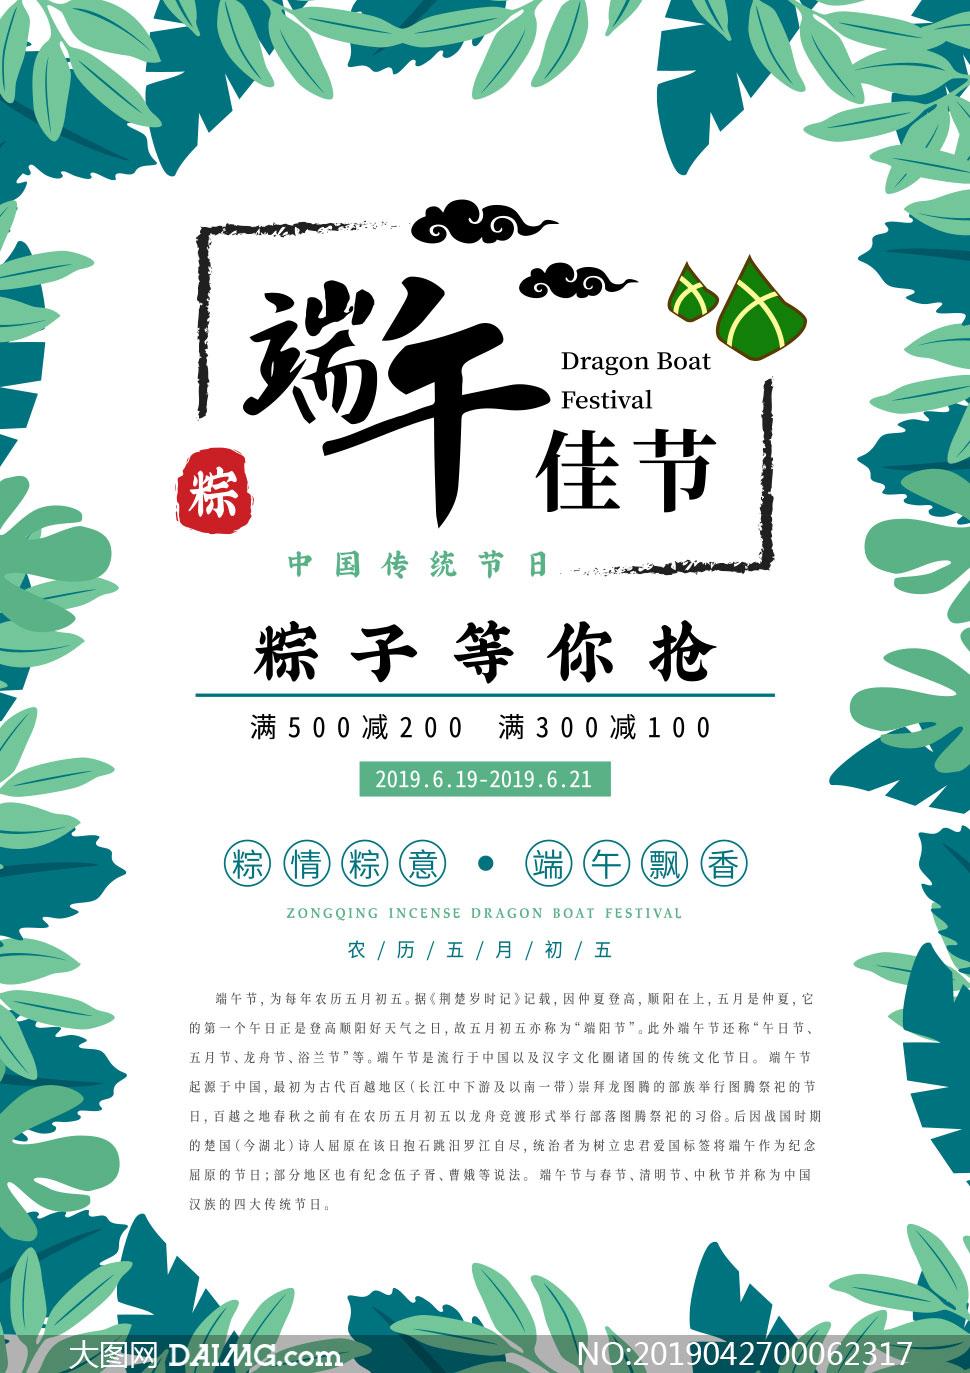 端午粽飘香宣传海报设计矢量素材